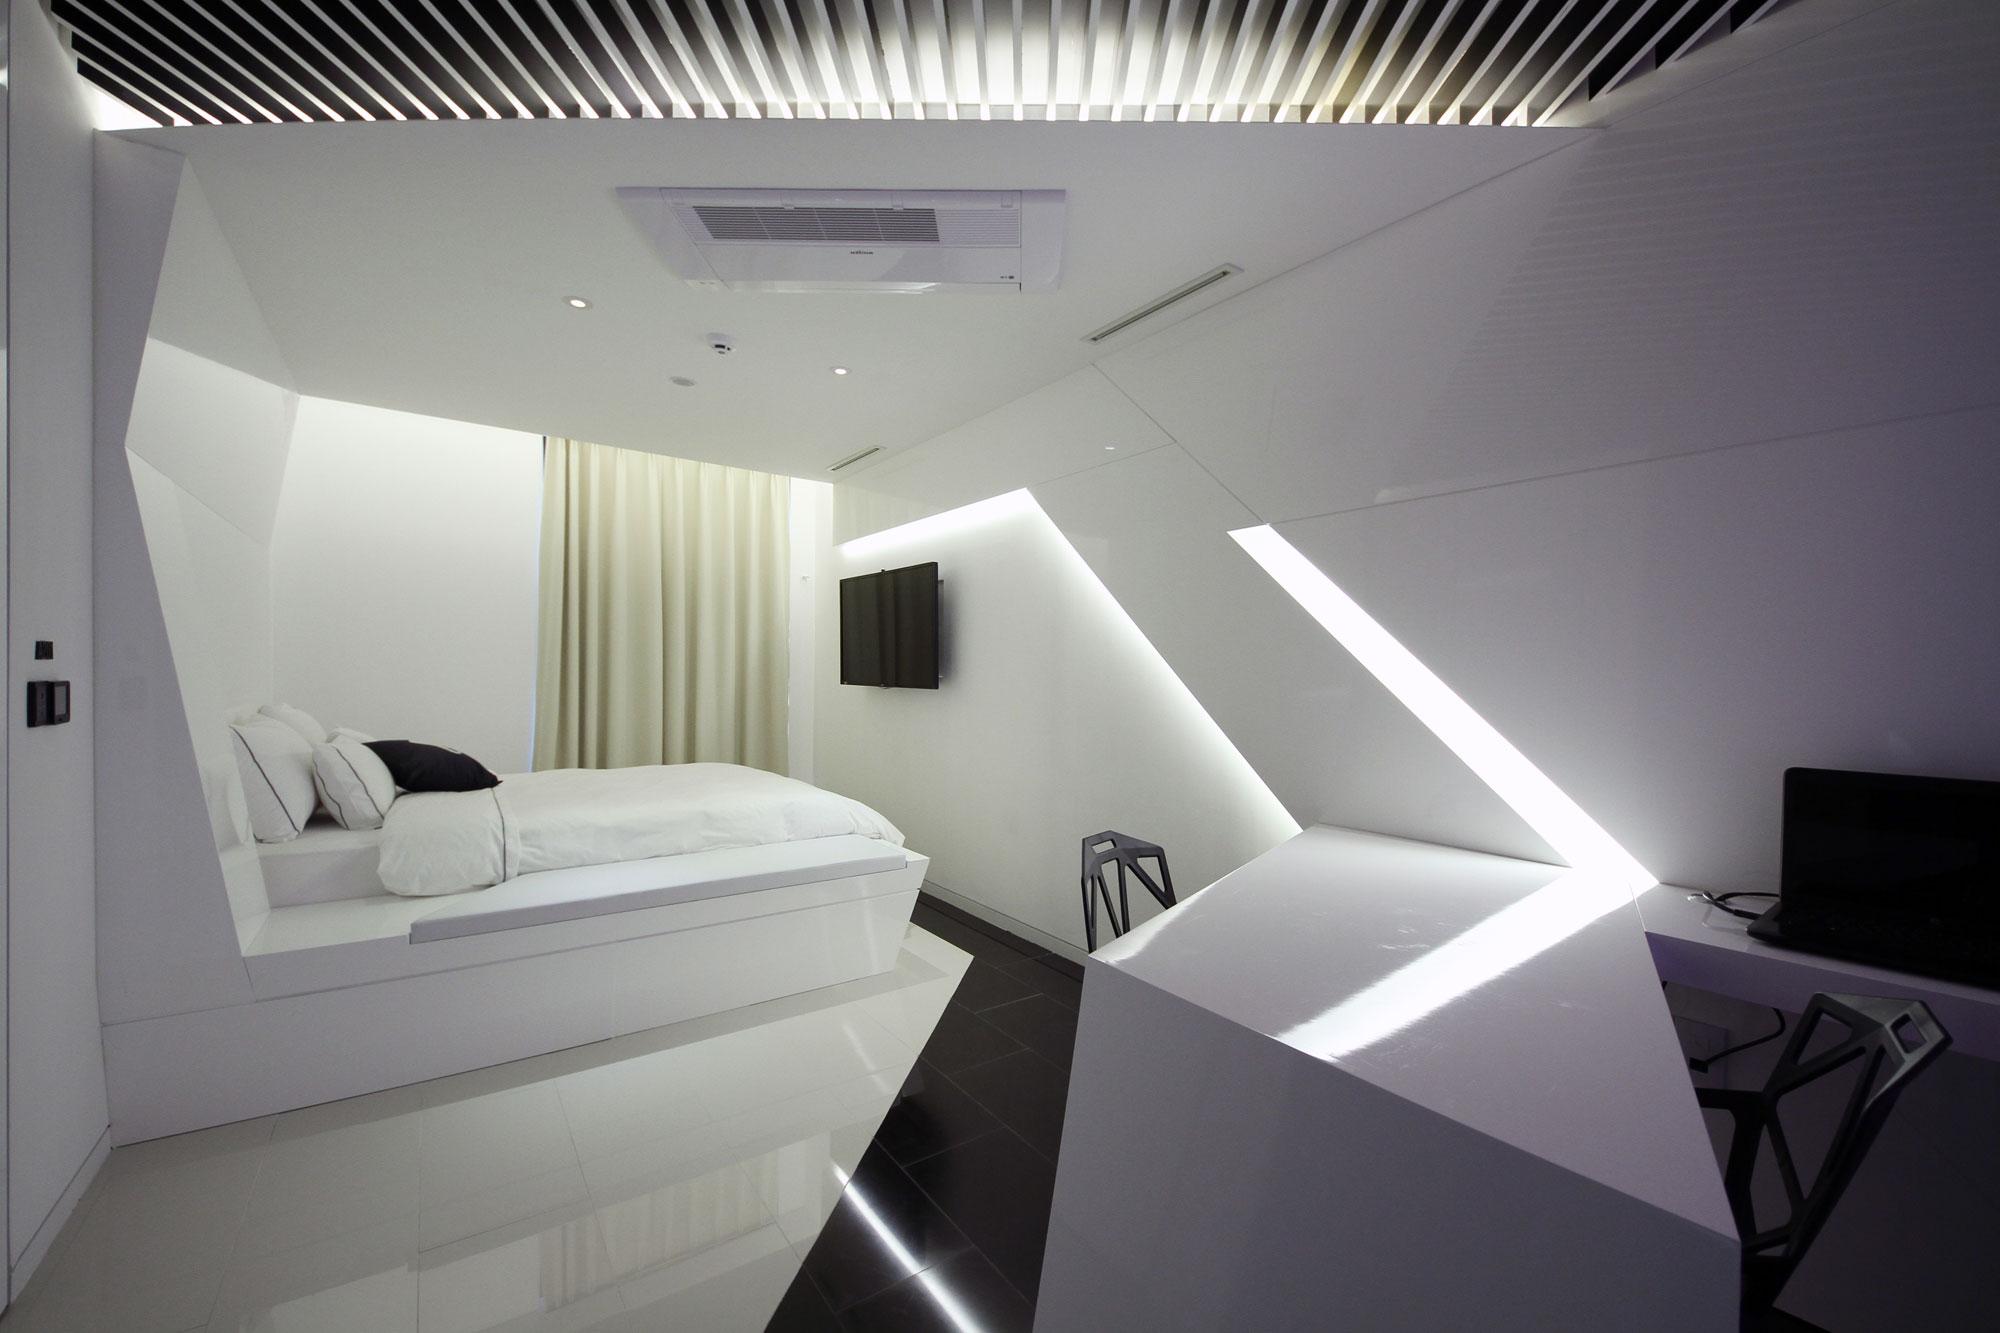 комнаты в стиле хай тек картинки